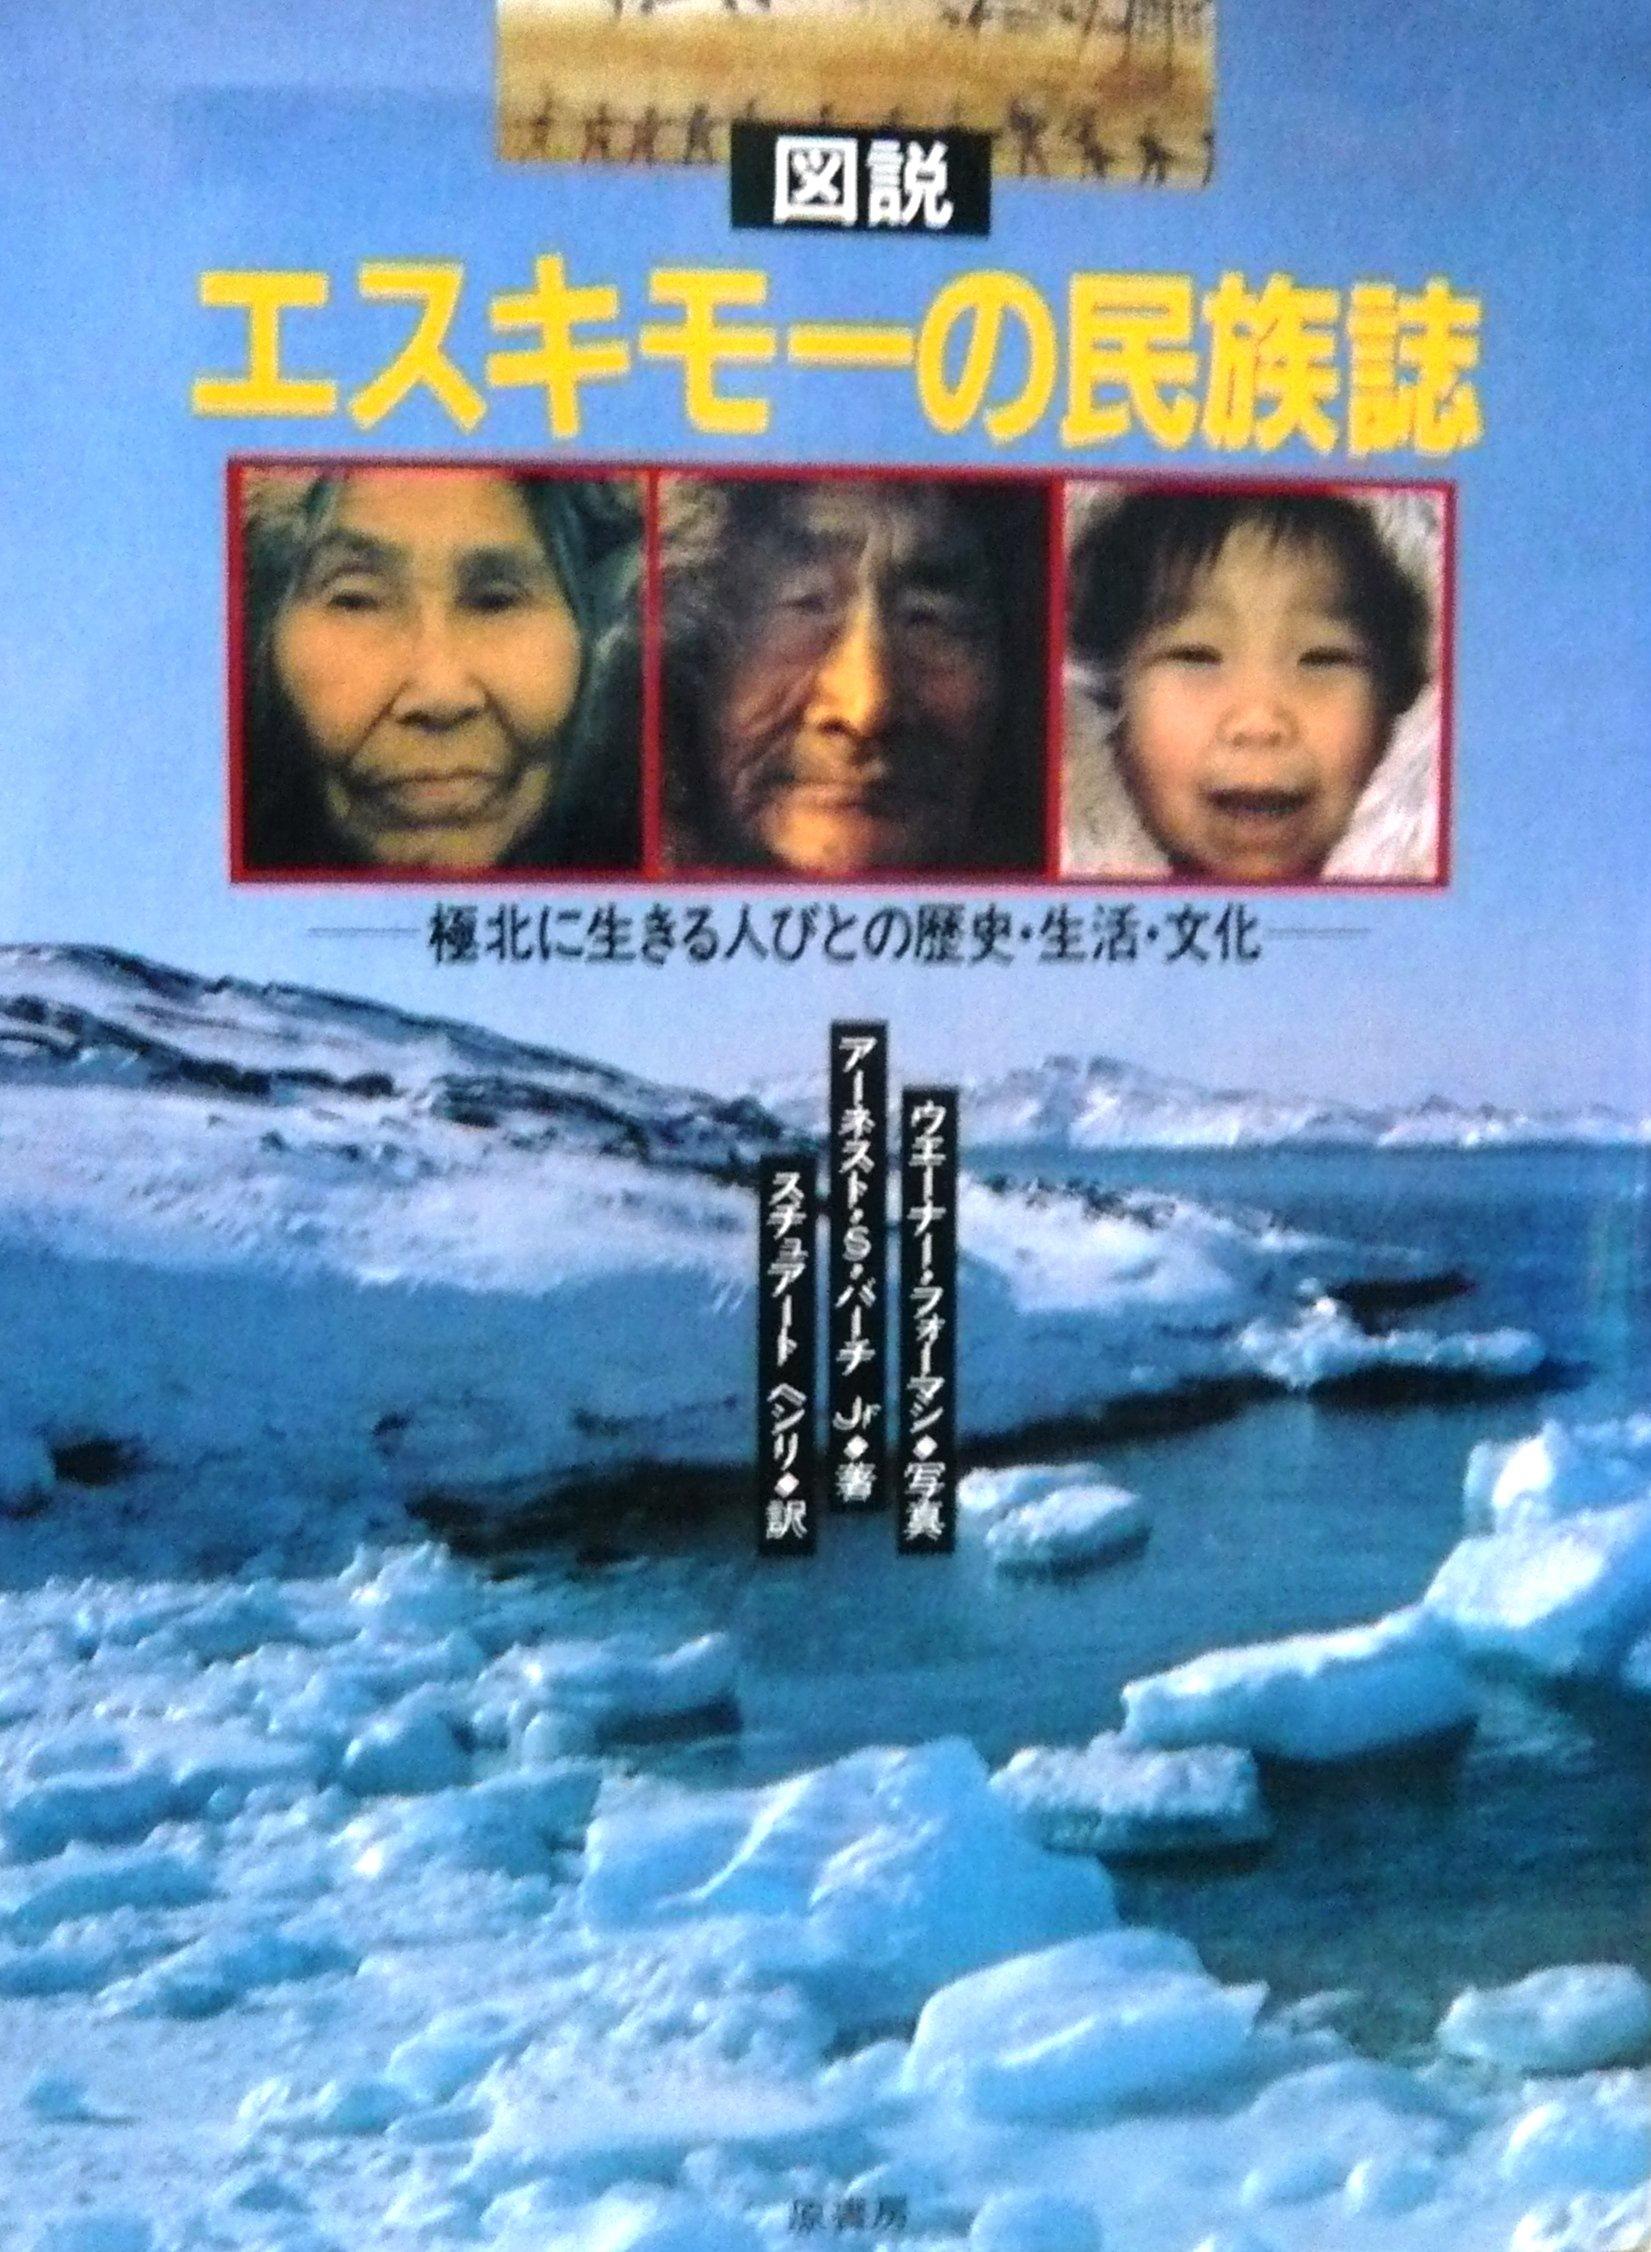 図説 エスキモーの民族誌―極北に生きる人びとの歴史・生活・文化 ...